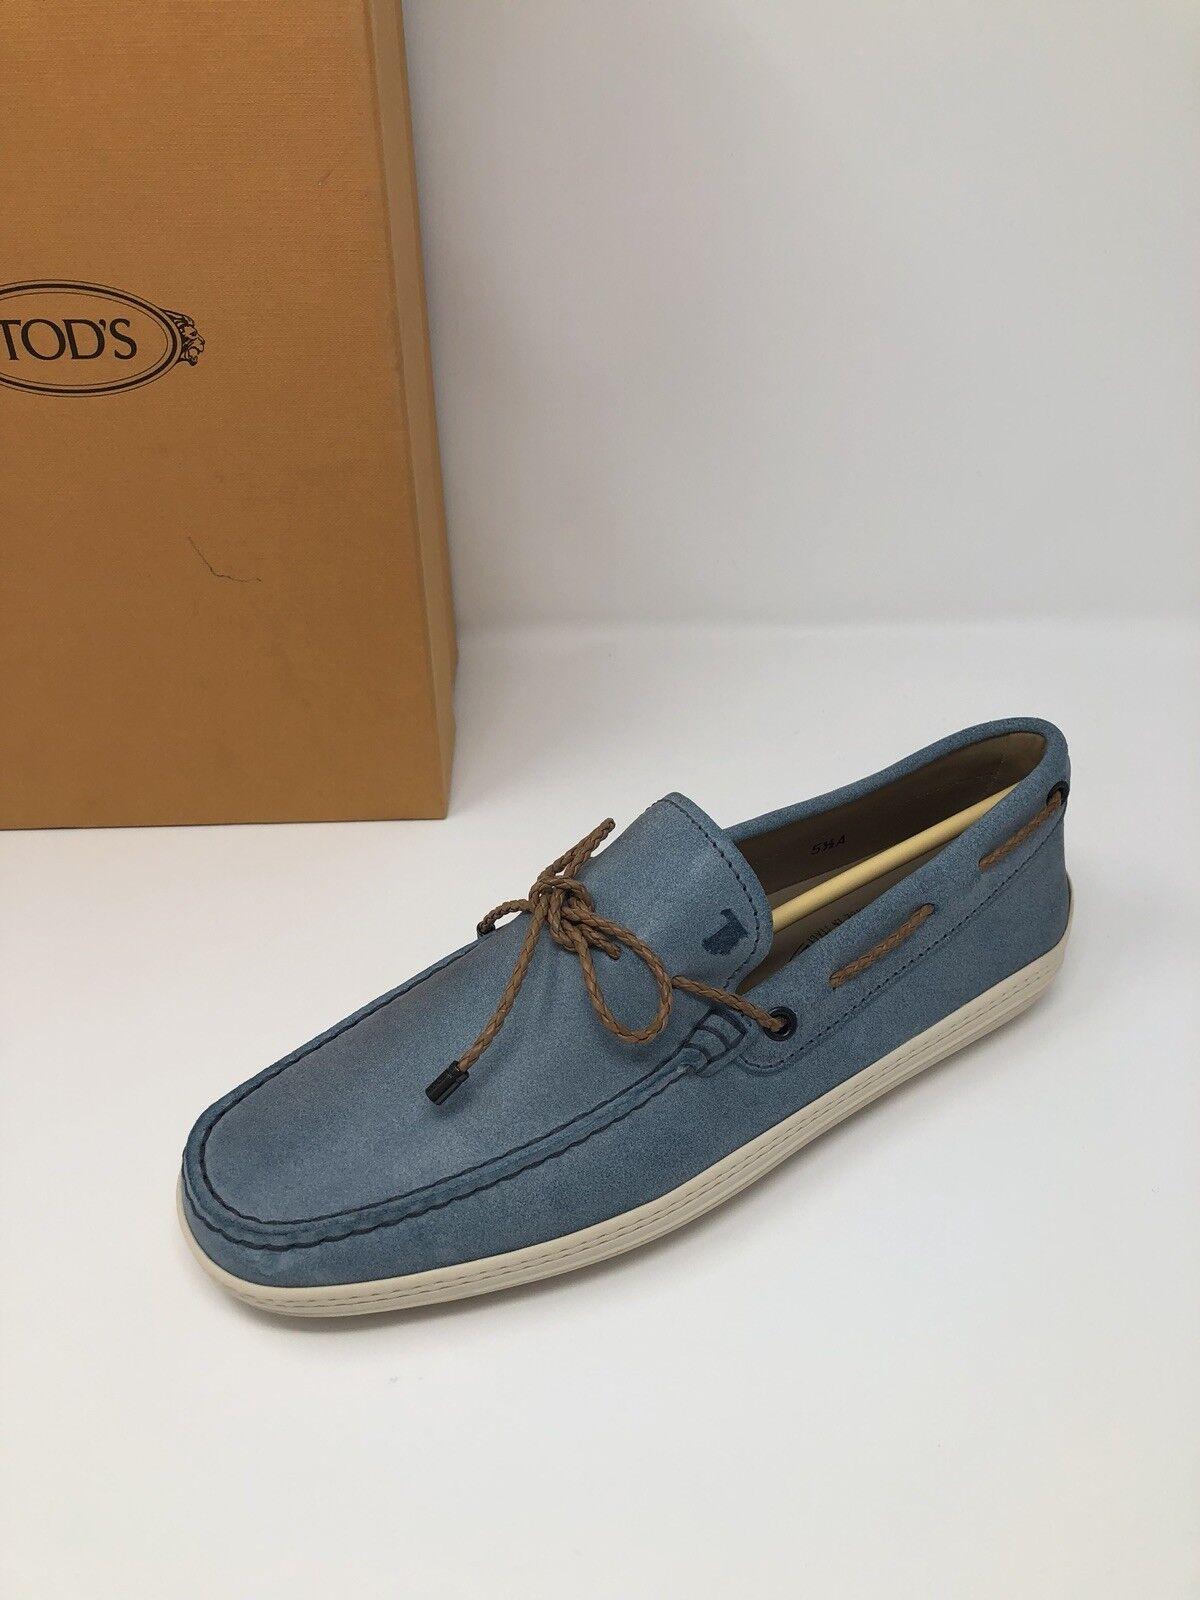 595 New Tods Mens Light blu scarpe Dimensione 6.5 US 5.5 EU